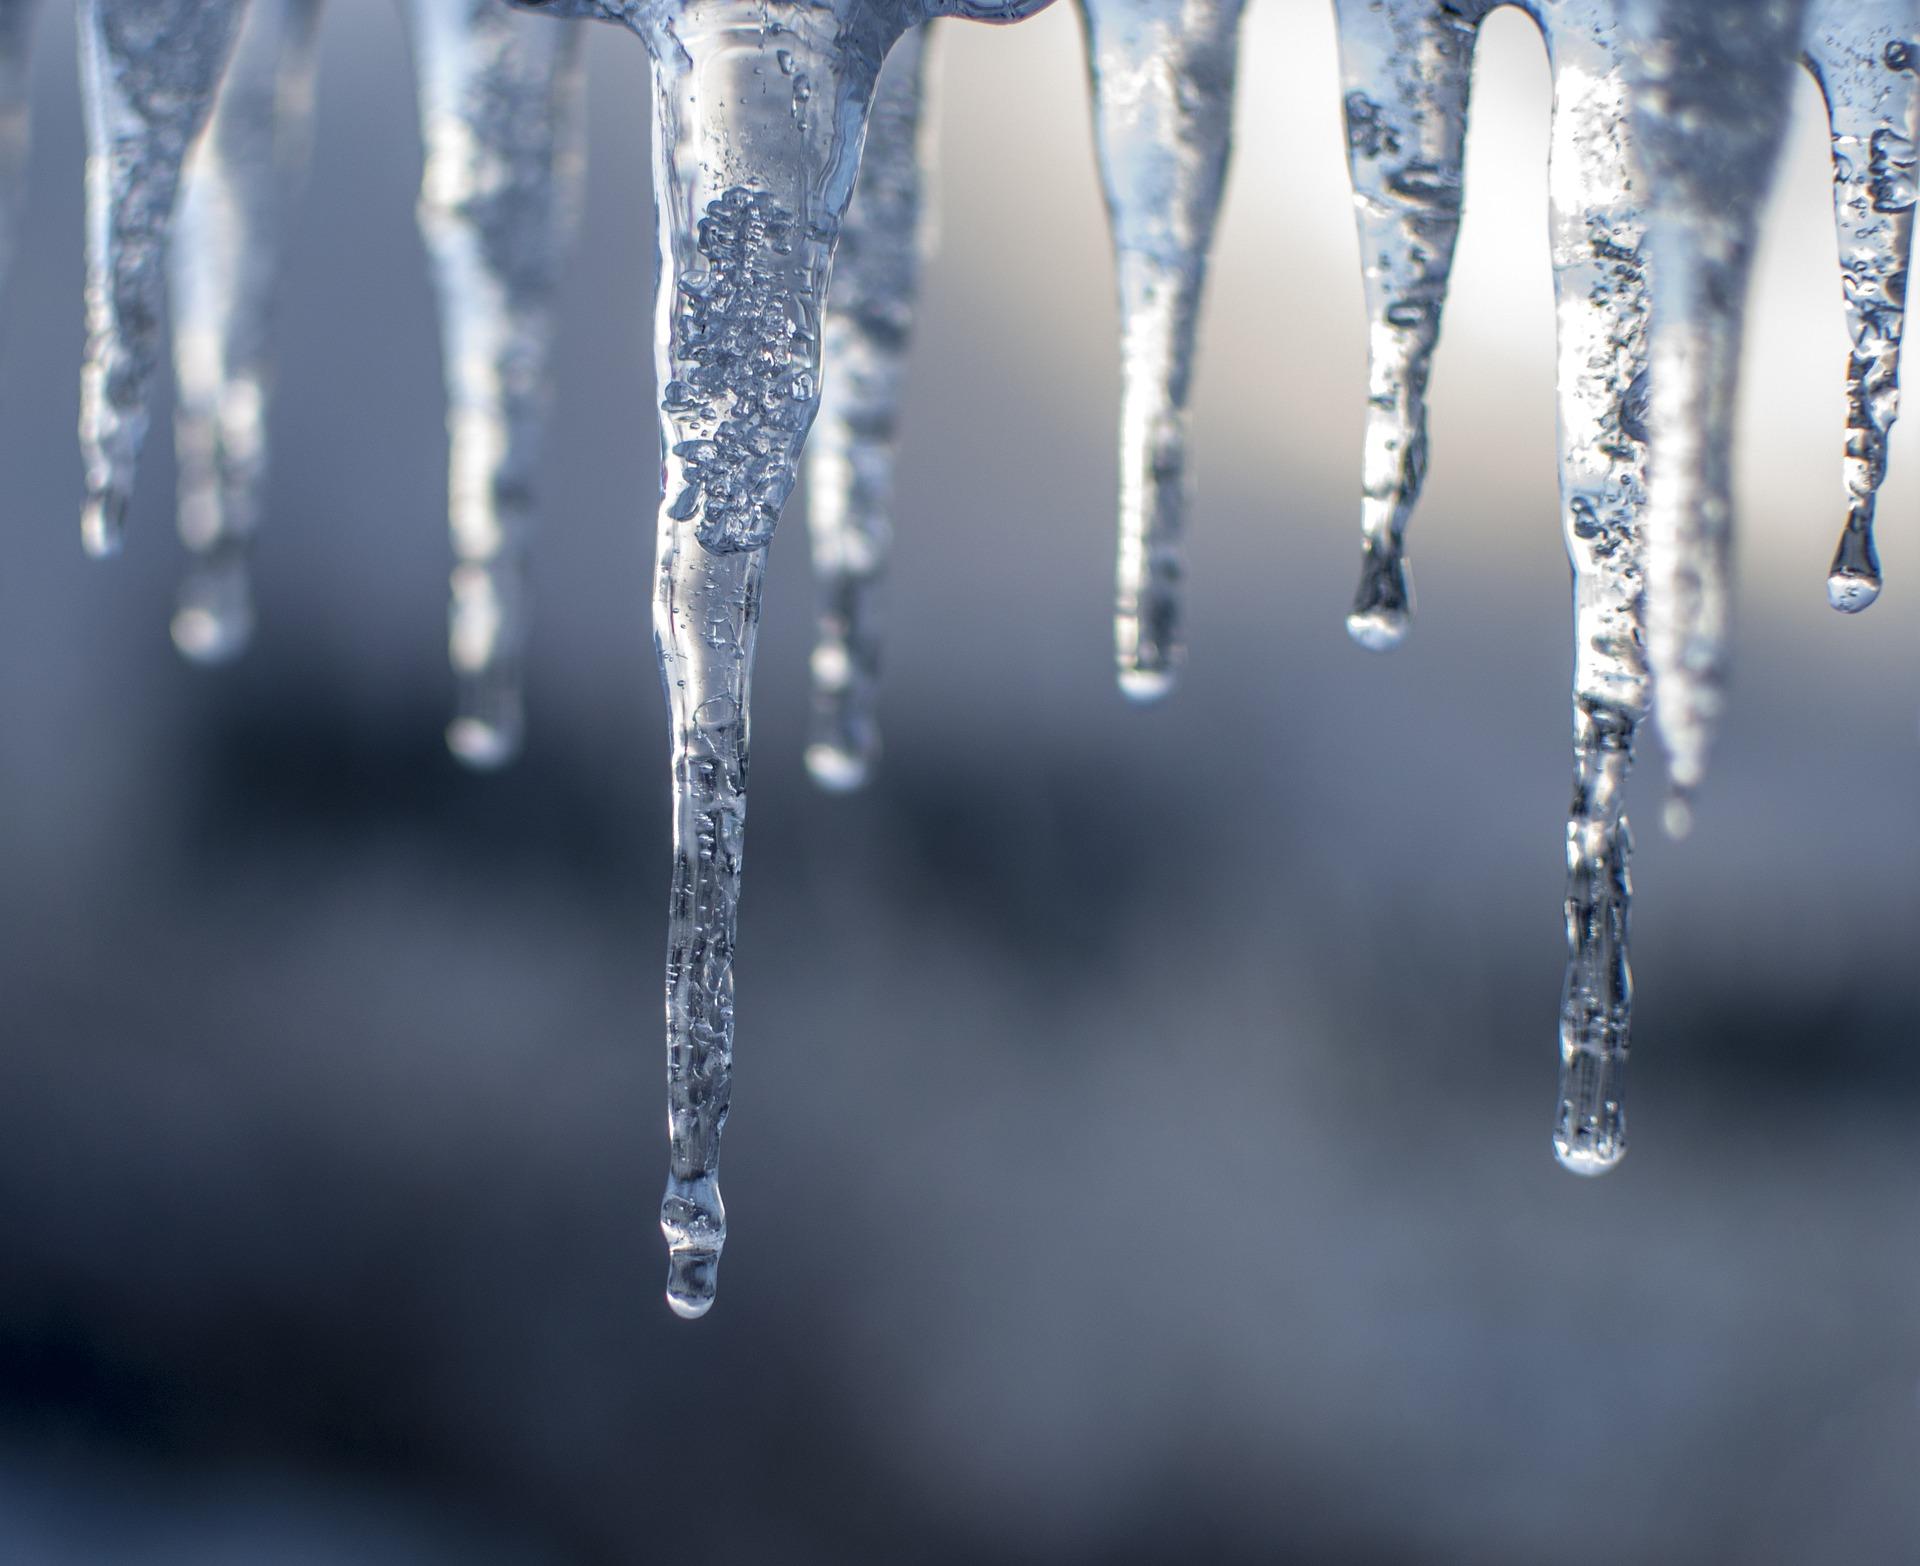 Плюсовые температуры вернутся в Челябинск 13 февраля